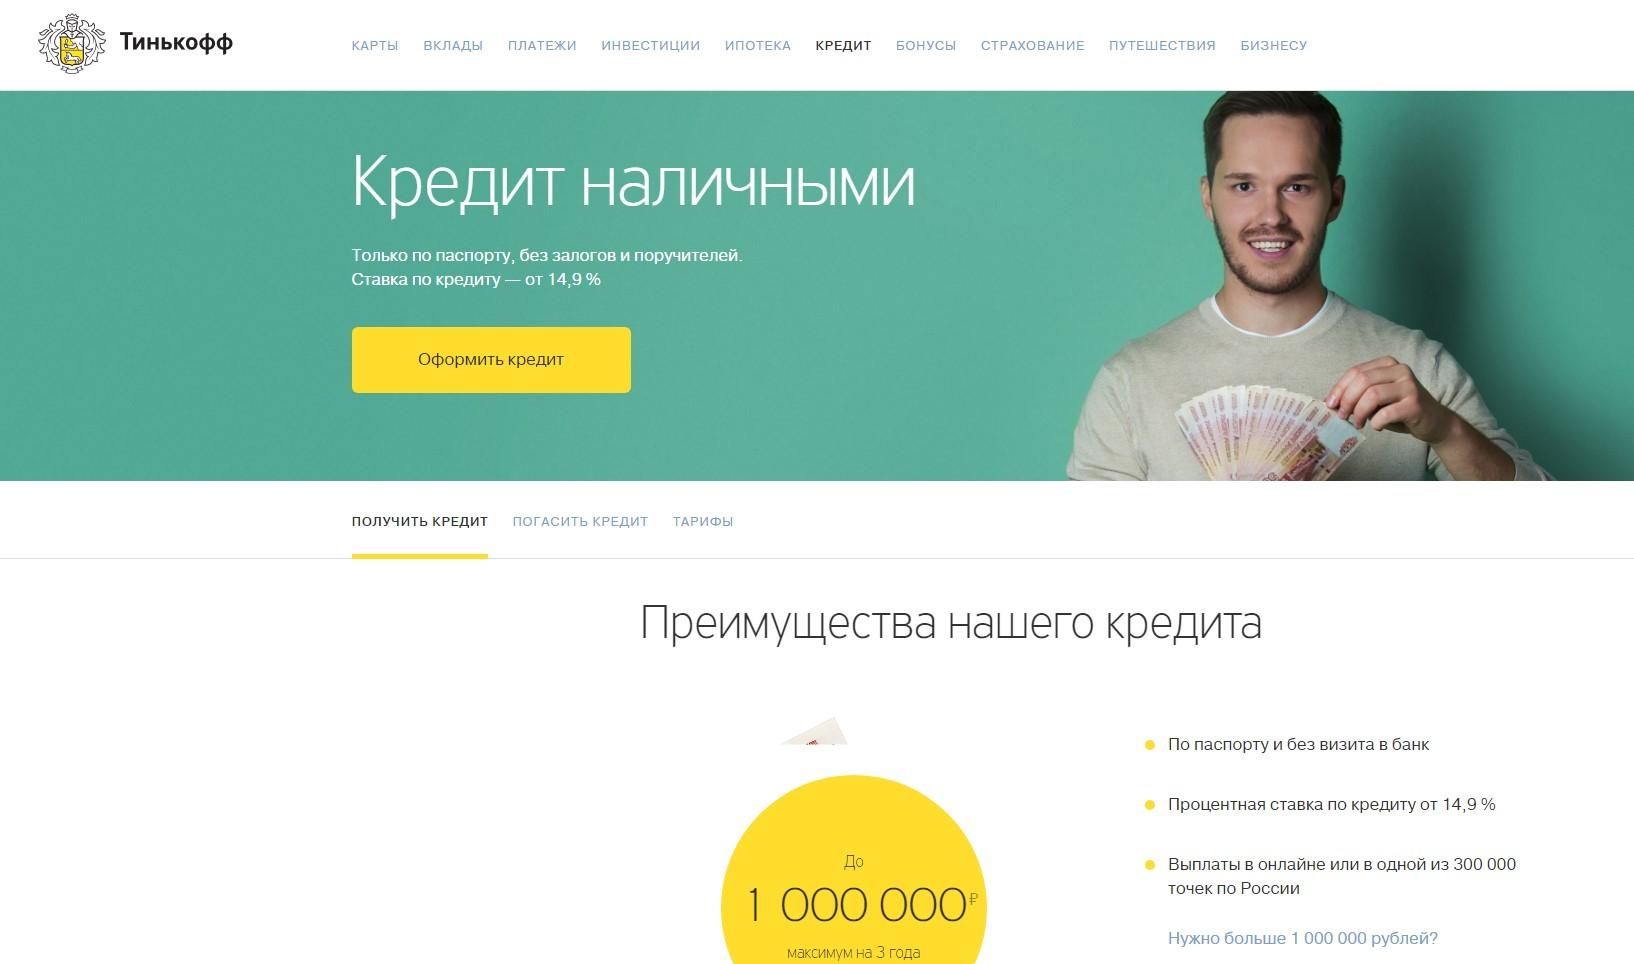 Сайт про займы наличными